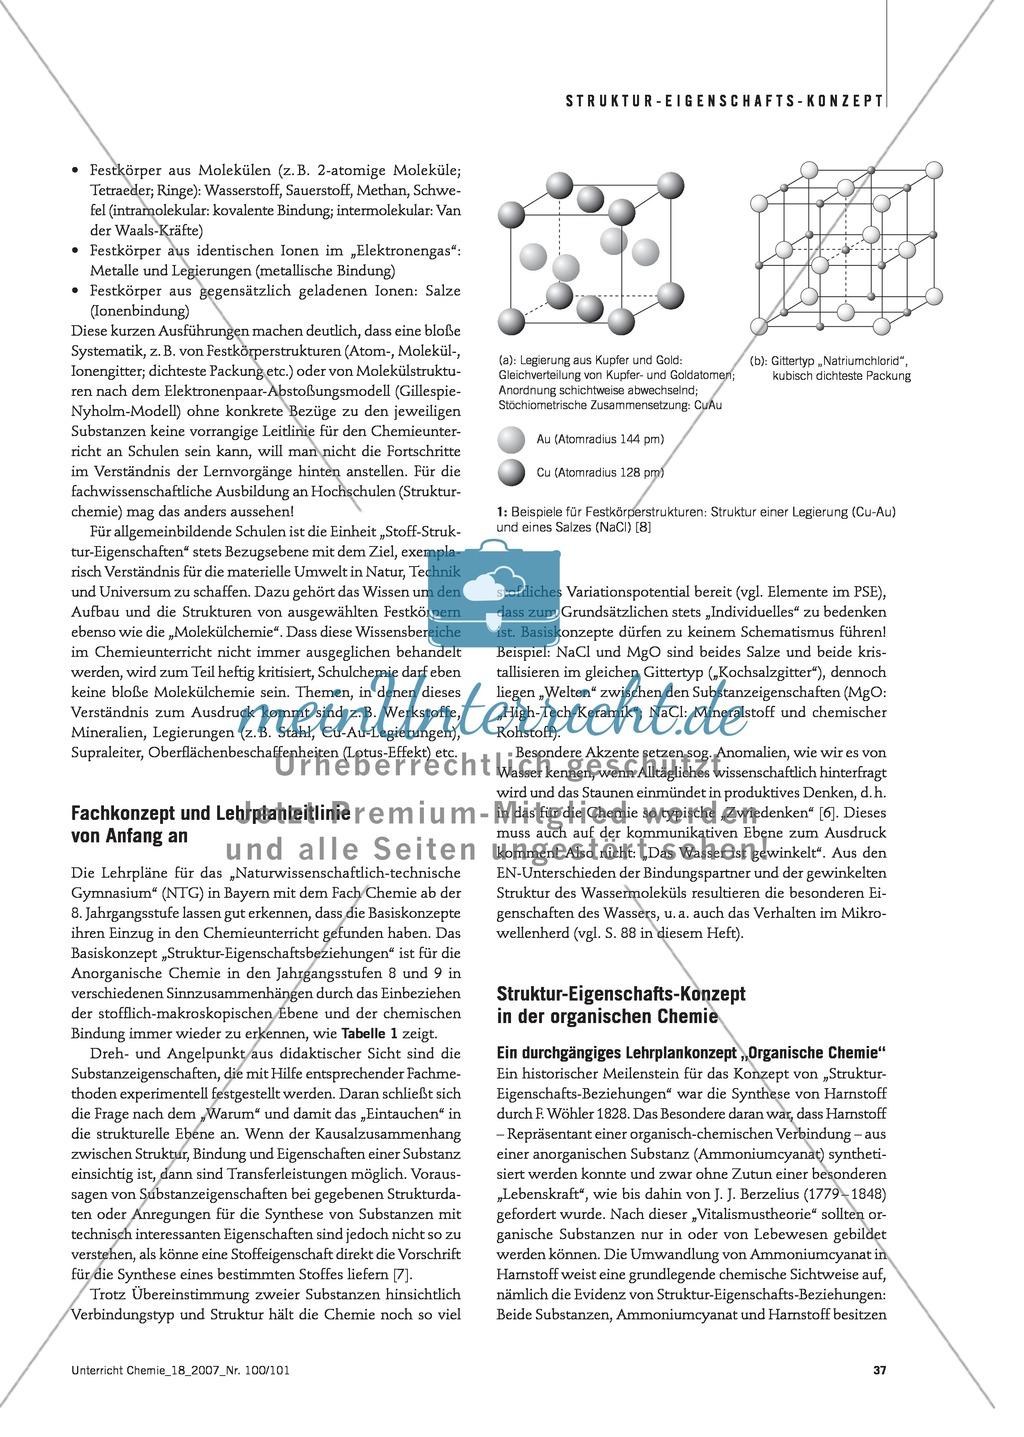 Infotext: Struktur-Eigenschafts-Konzept: Lehrplankonzept Organische und Anorganische Chemie Preview 1